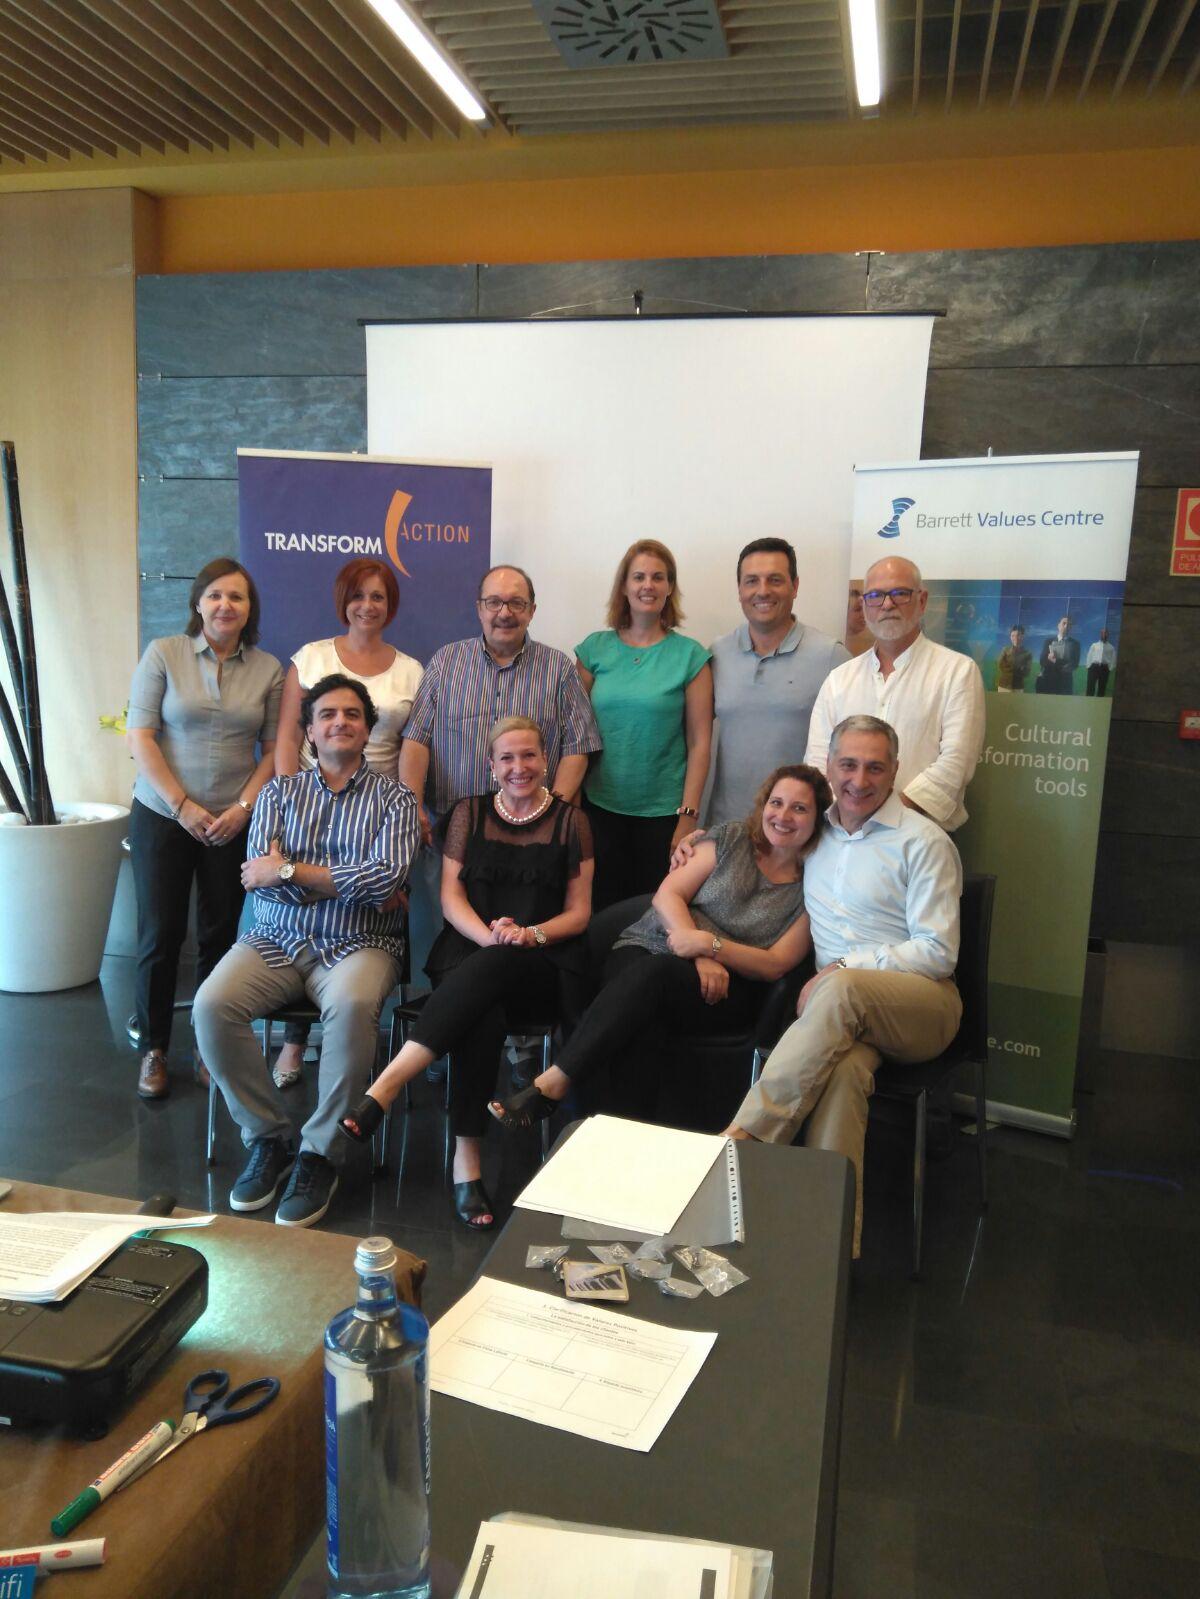 Concluidas las sesiones de certificación CTT junto Transform-Action